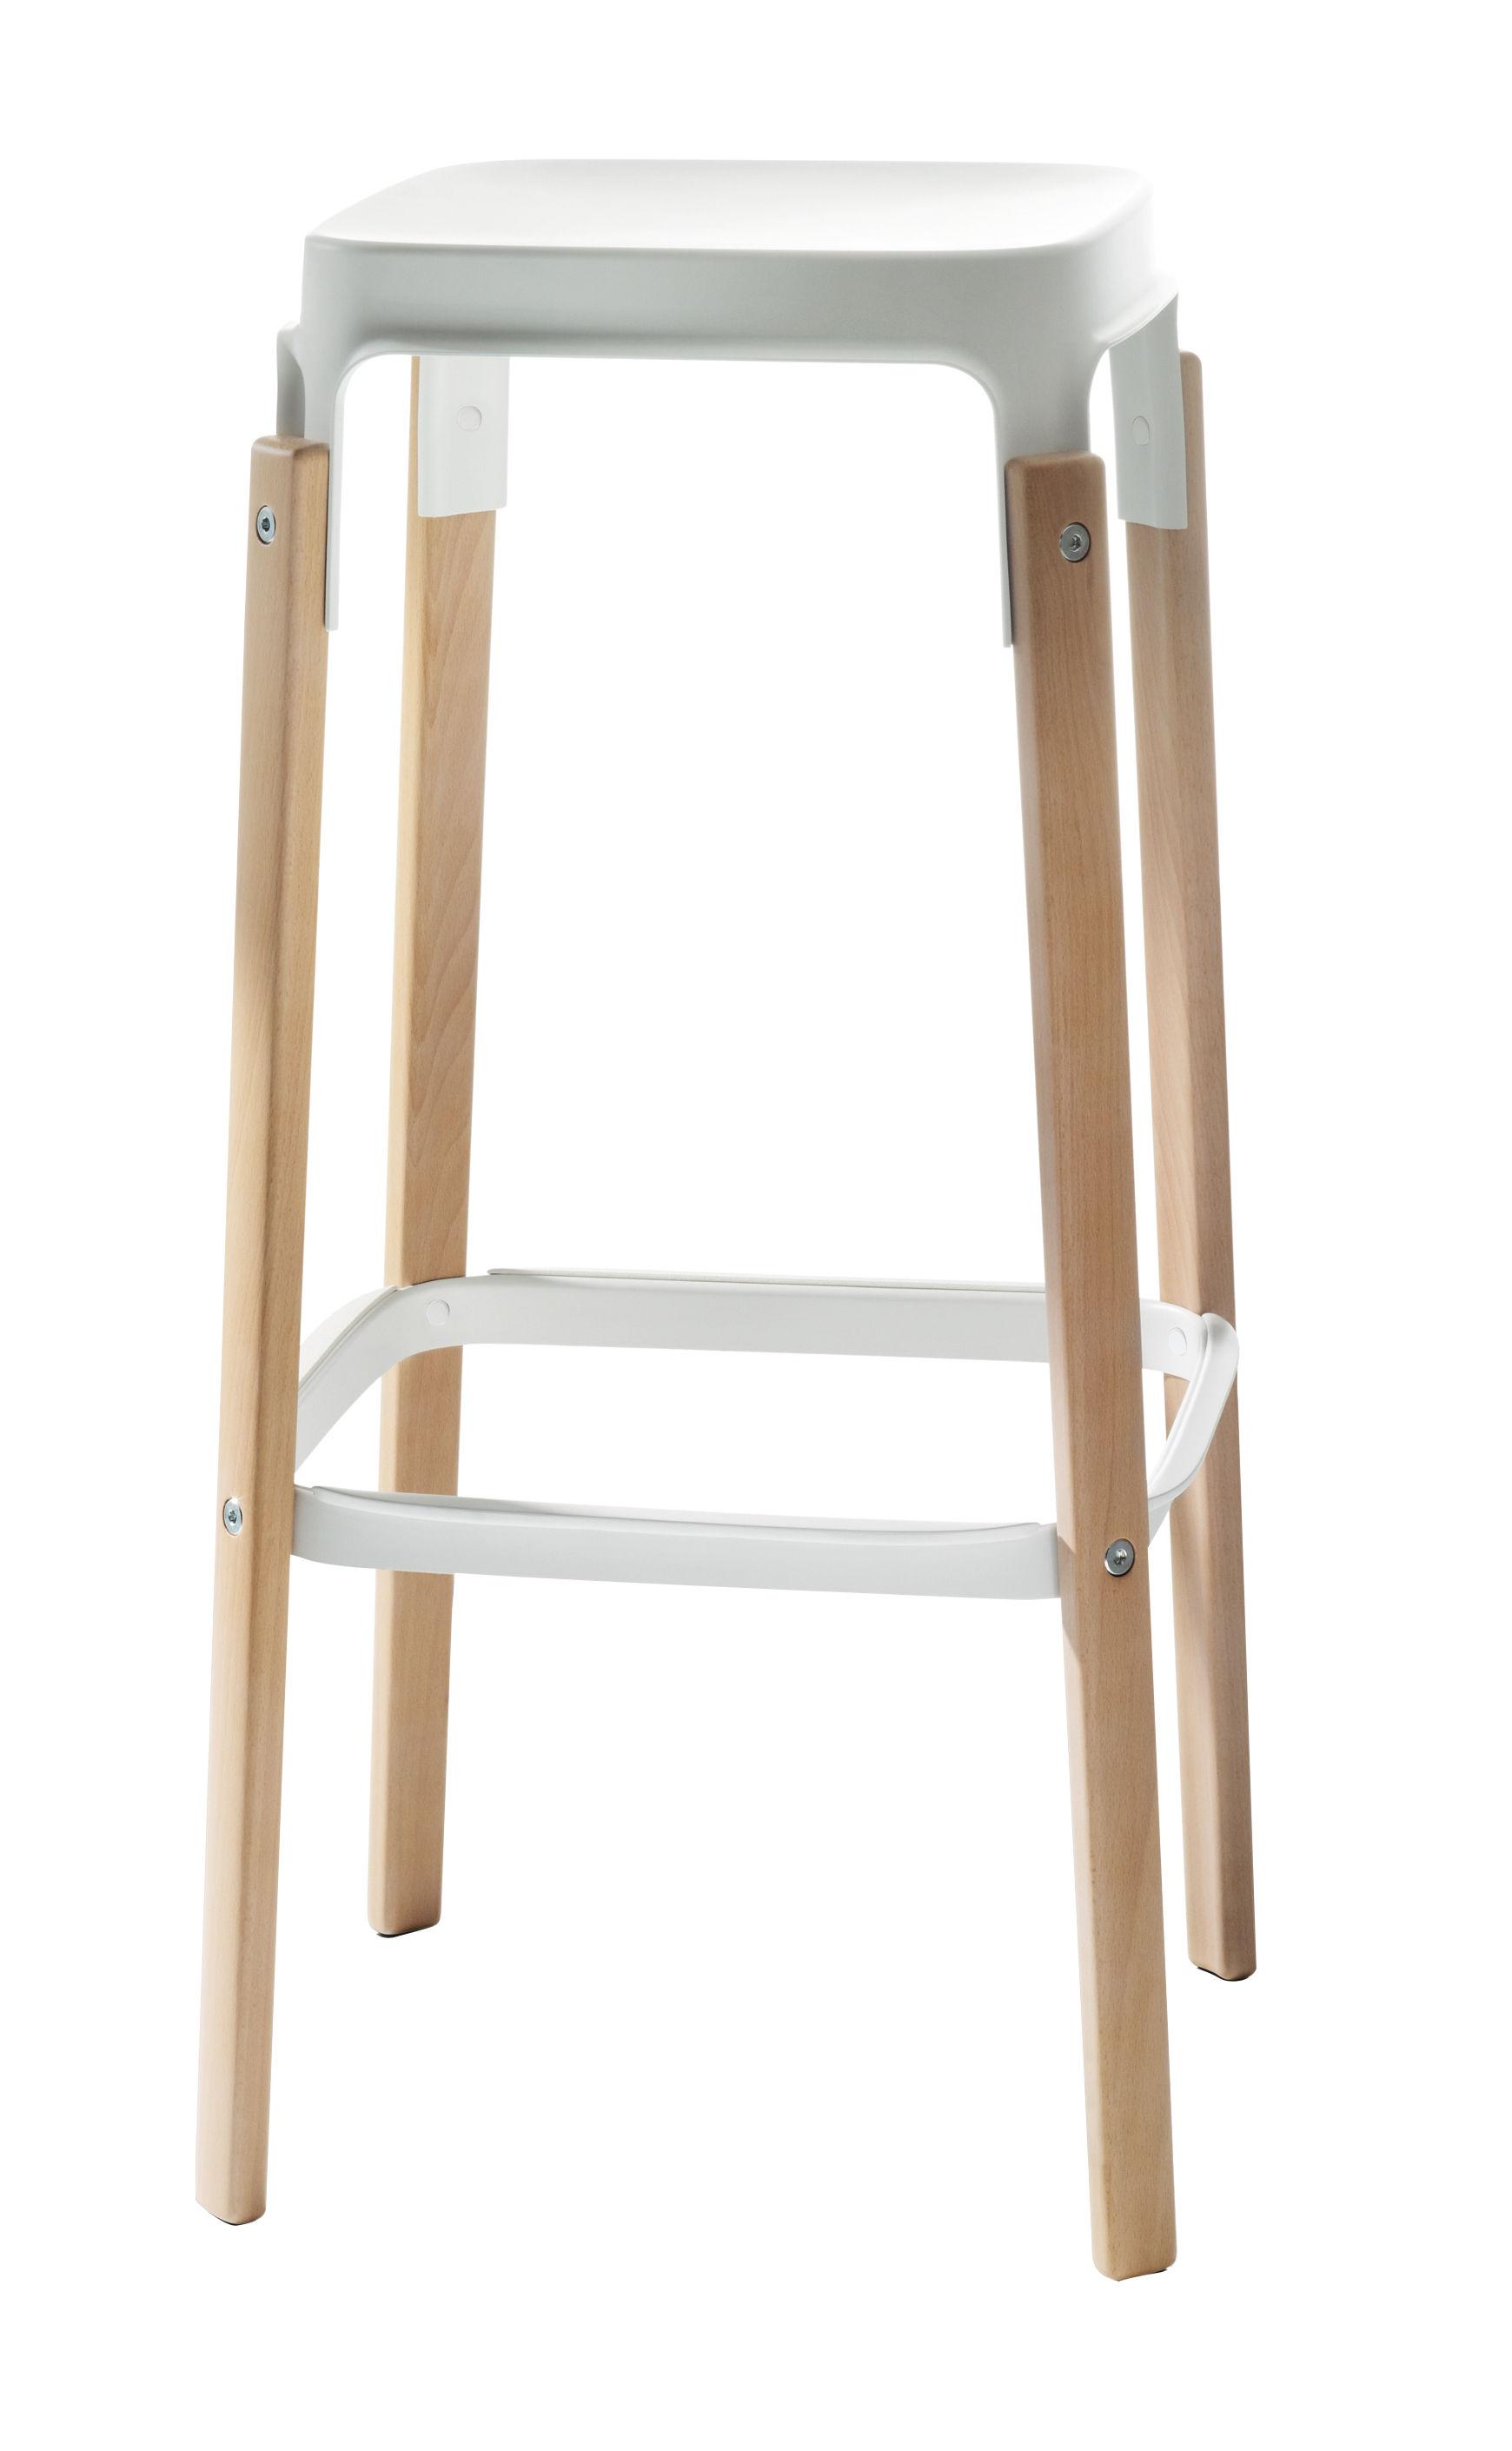 Möbel - Barhocker - Steelwood Barhocker Zweifarbig Variante - H 78 cm - Magis - Weiß / Buche - Buchenfurnier, gefirnister Stahl